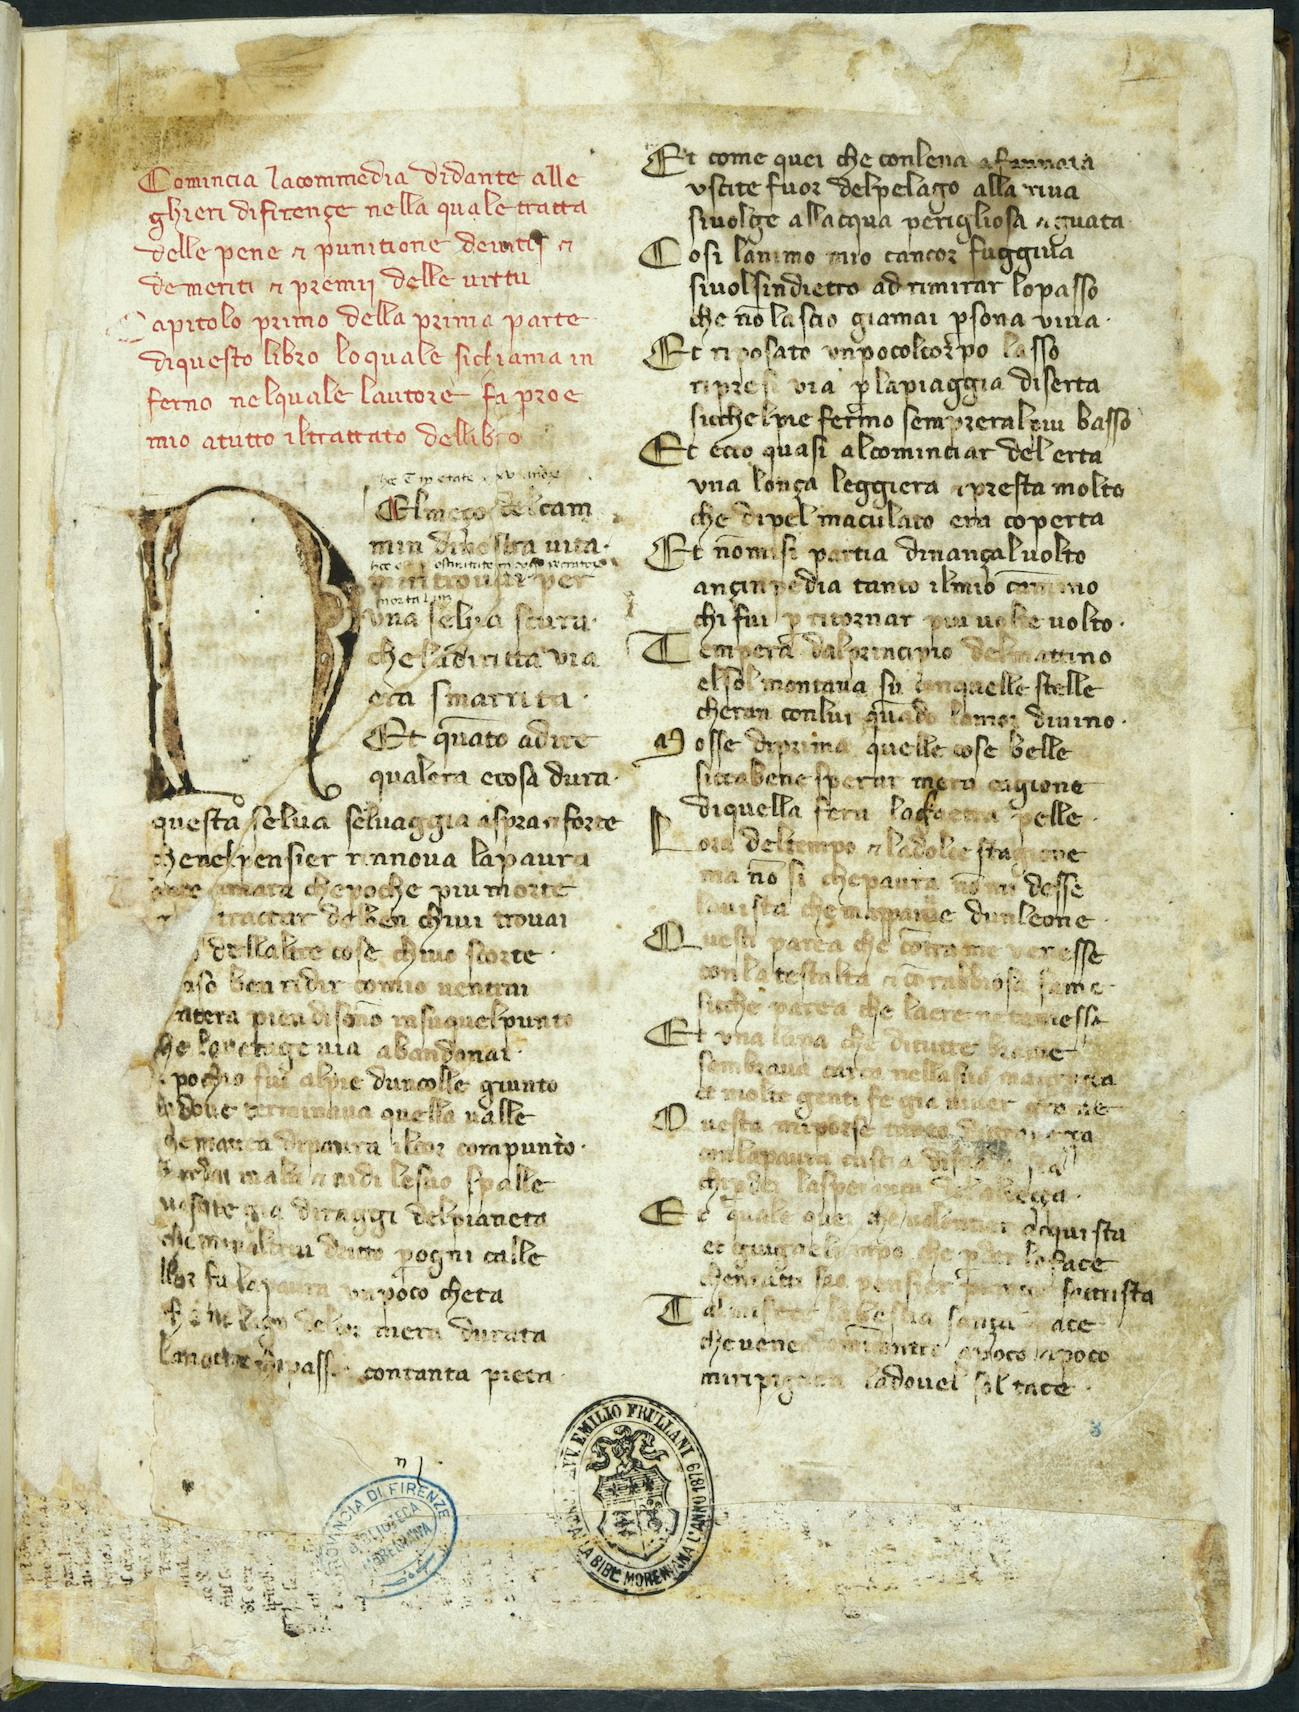 Codice della Divina Commedia di Dante